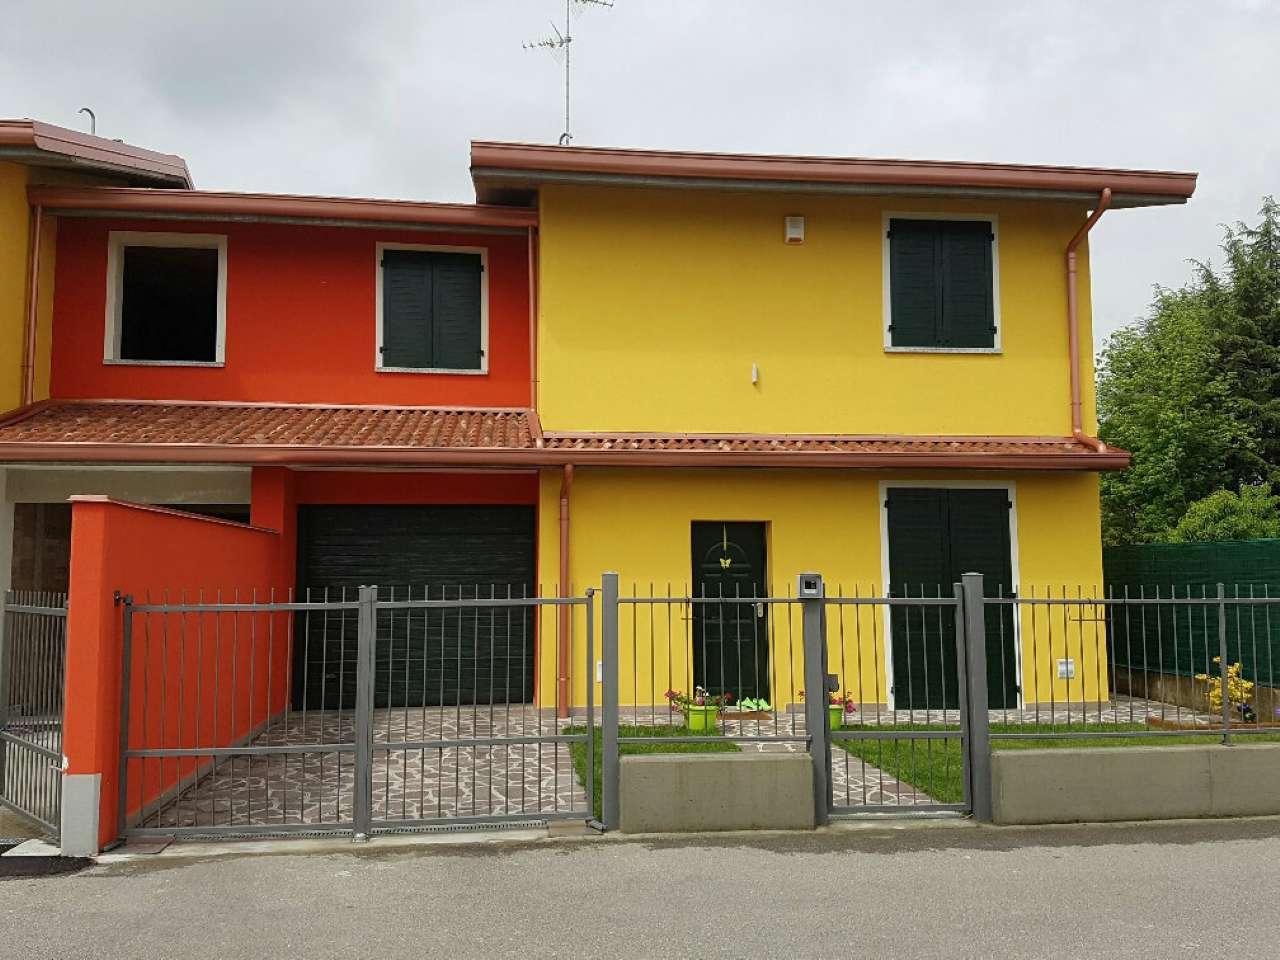 Villa in vendita a Vailate, 4 locali, prezzo € 185.000 | CambioCasa.it